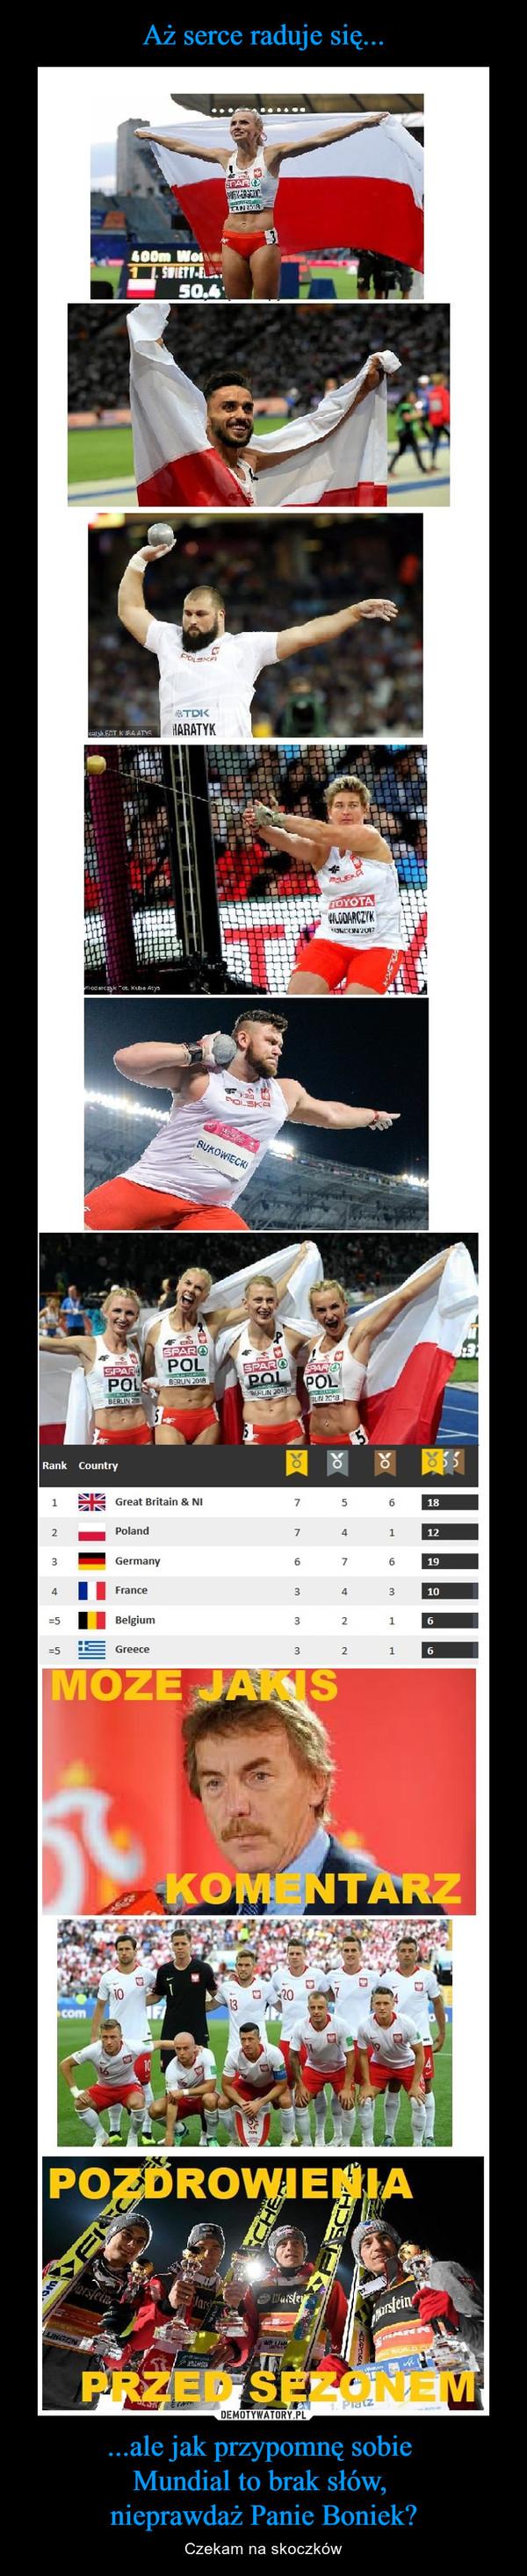 ...ale jak przypomnę sobie Mundial to brak słów, nieprawdaż Panie Boniek? – Czekam na skoczków Może jakiś komentarz Pozdrowienia przed sezonem Klasyfikacja medalowa Polska Niemcy Wielka Brytania Francja